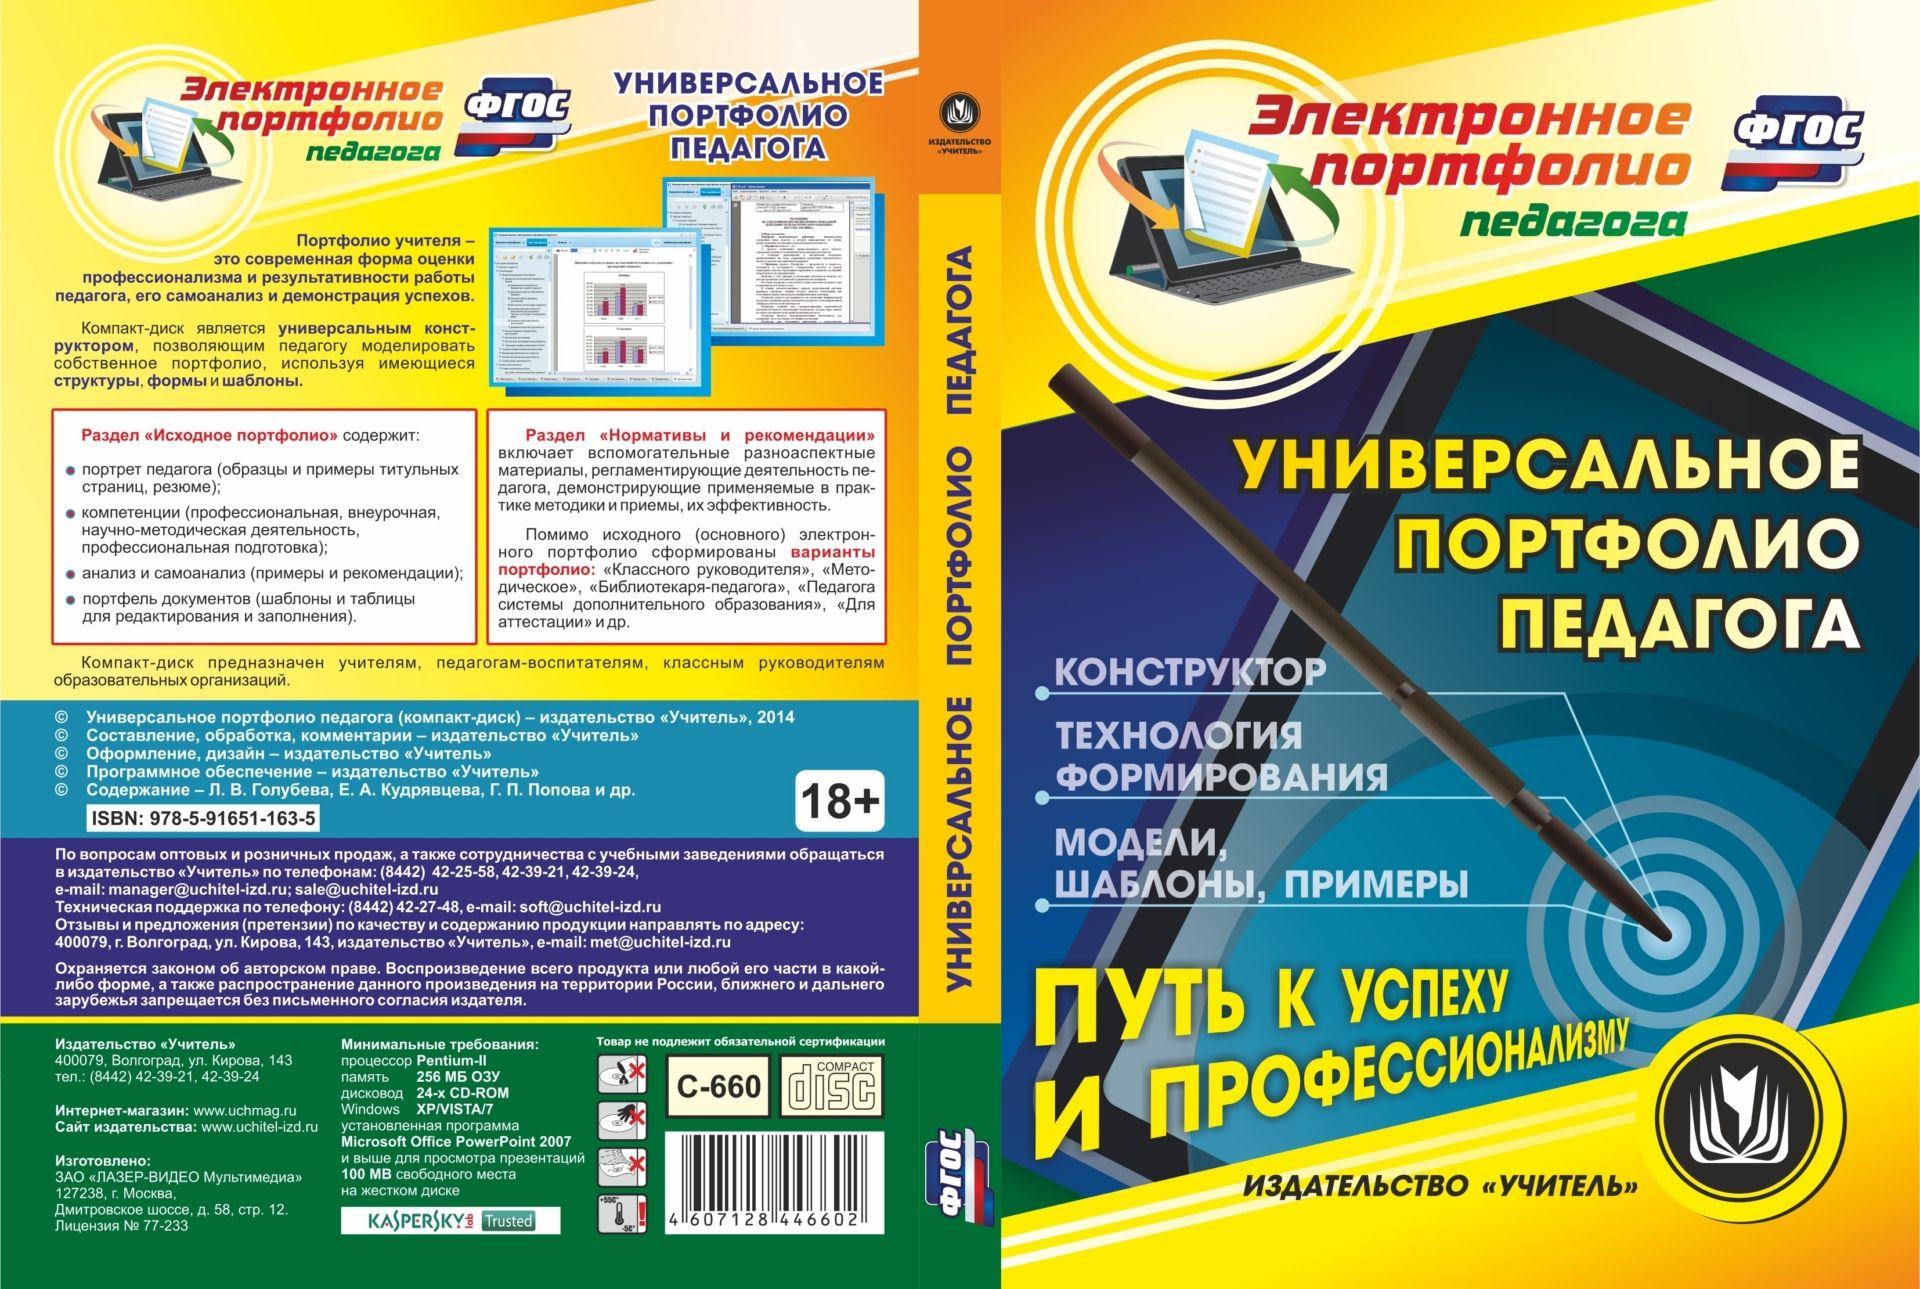 Универсальное портфолио педагога. Компакт-диск для компьютера: Конструктор. Технология формирования. Модели. Шаблоны. Примеры